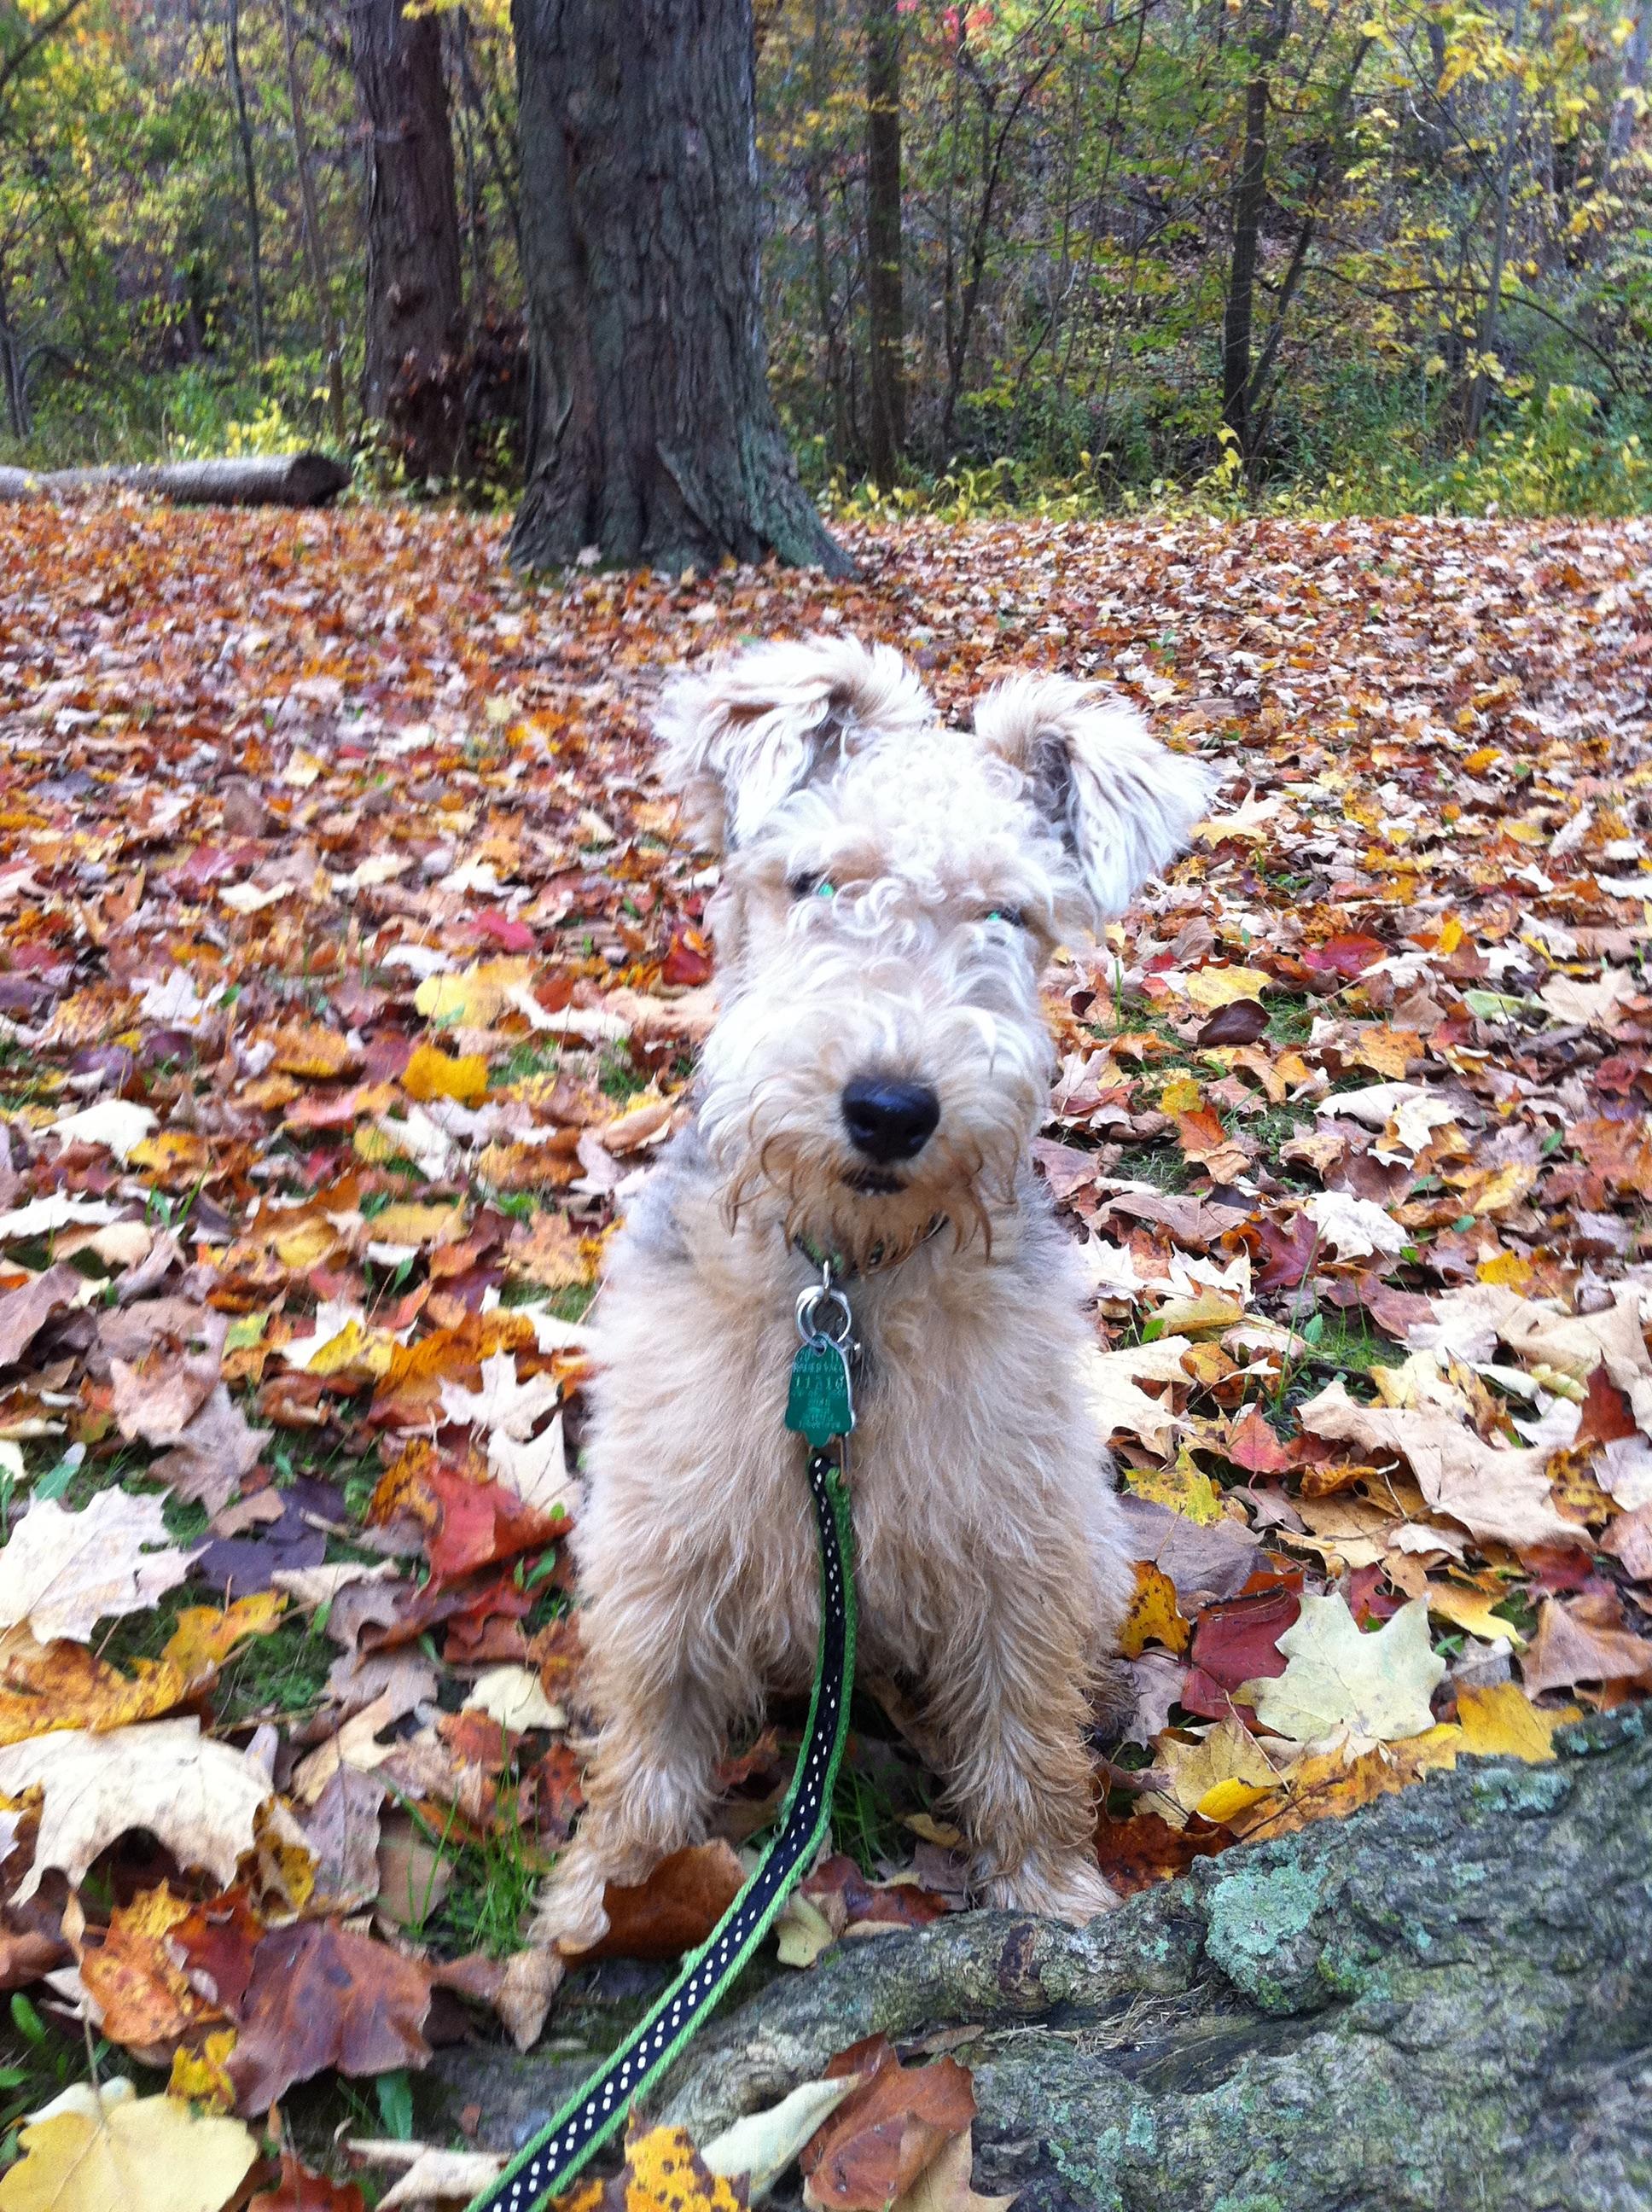 Kostenlose foto : Herbst, Jahreszeit, Wirbeltier, Hund wie Säugetier ...